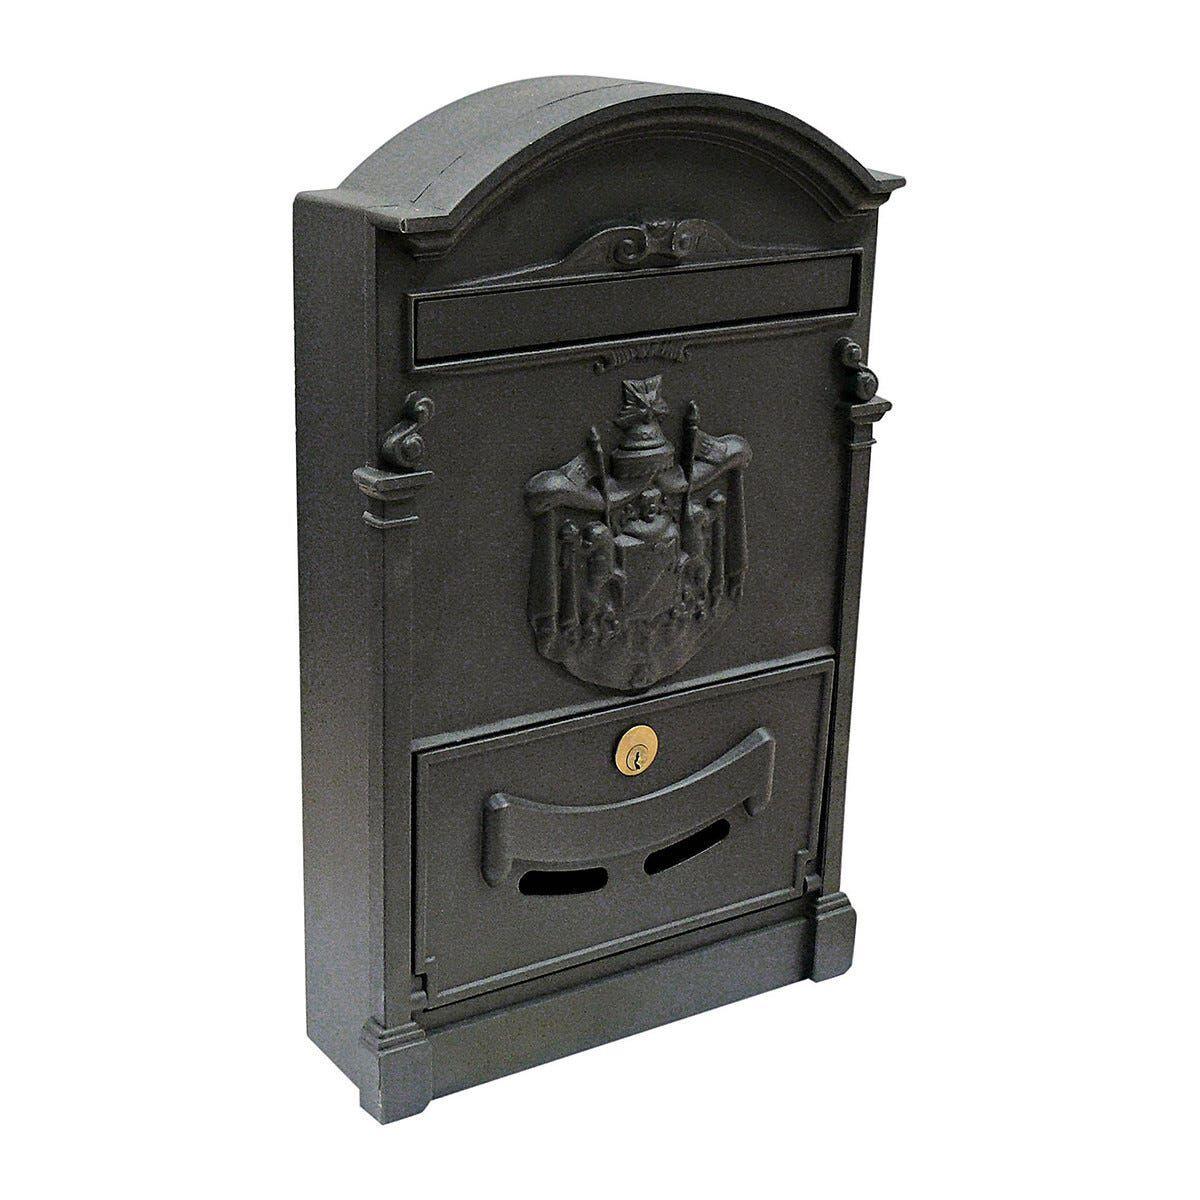 cassetta postale per esterno alubox residence alluminio ghisa 26x41x9 cm (lxhxp)